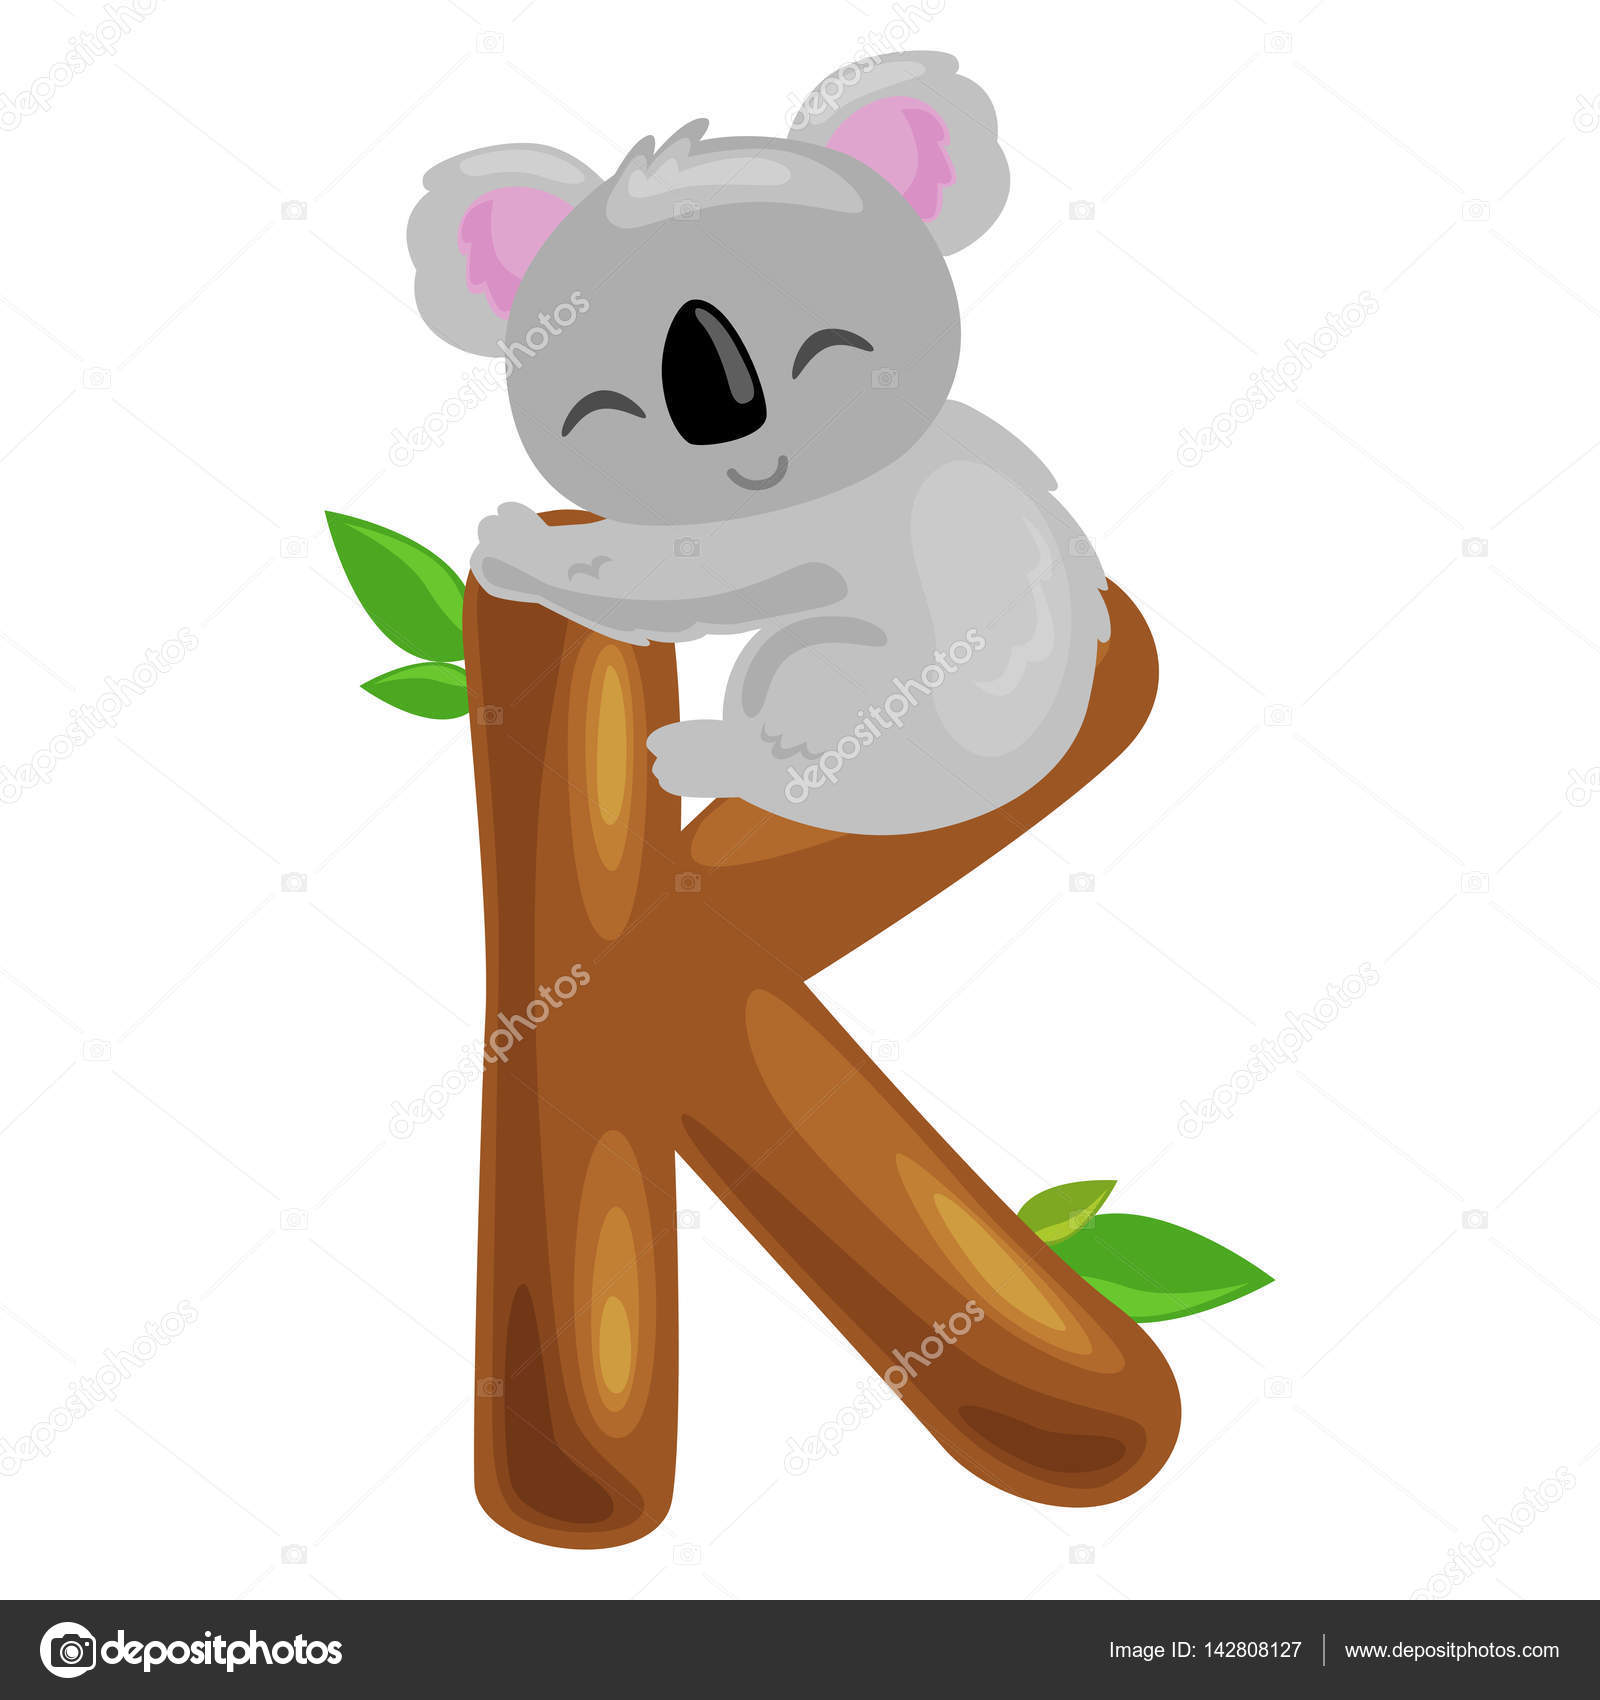 Illustrazione vettoriale di un koala cartone animato scaricare